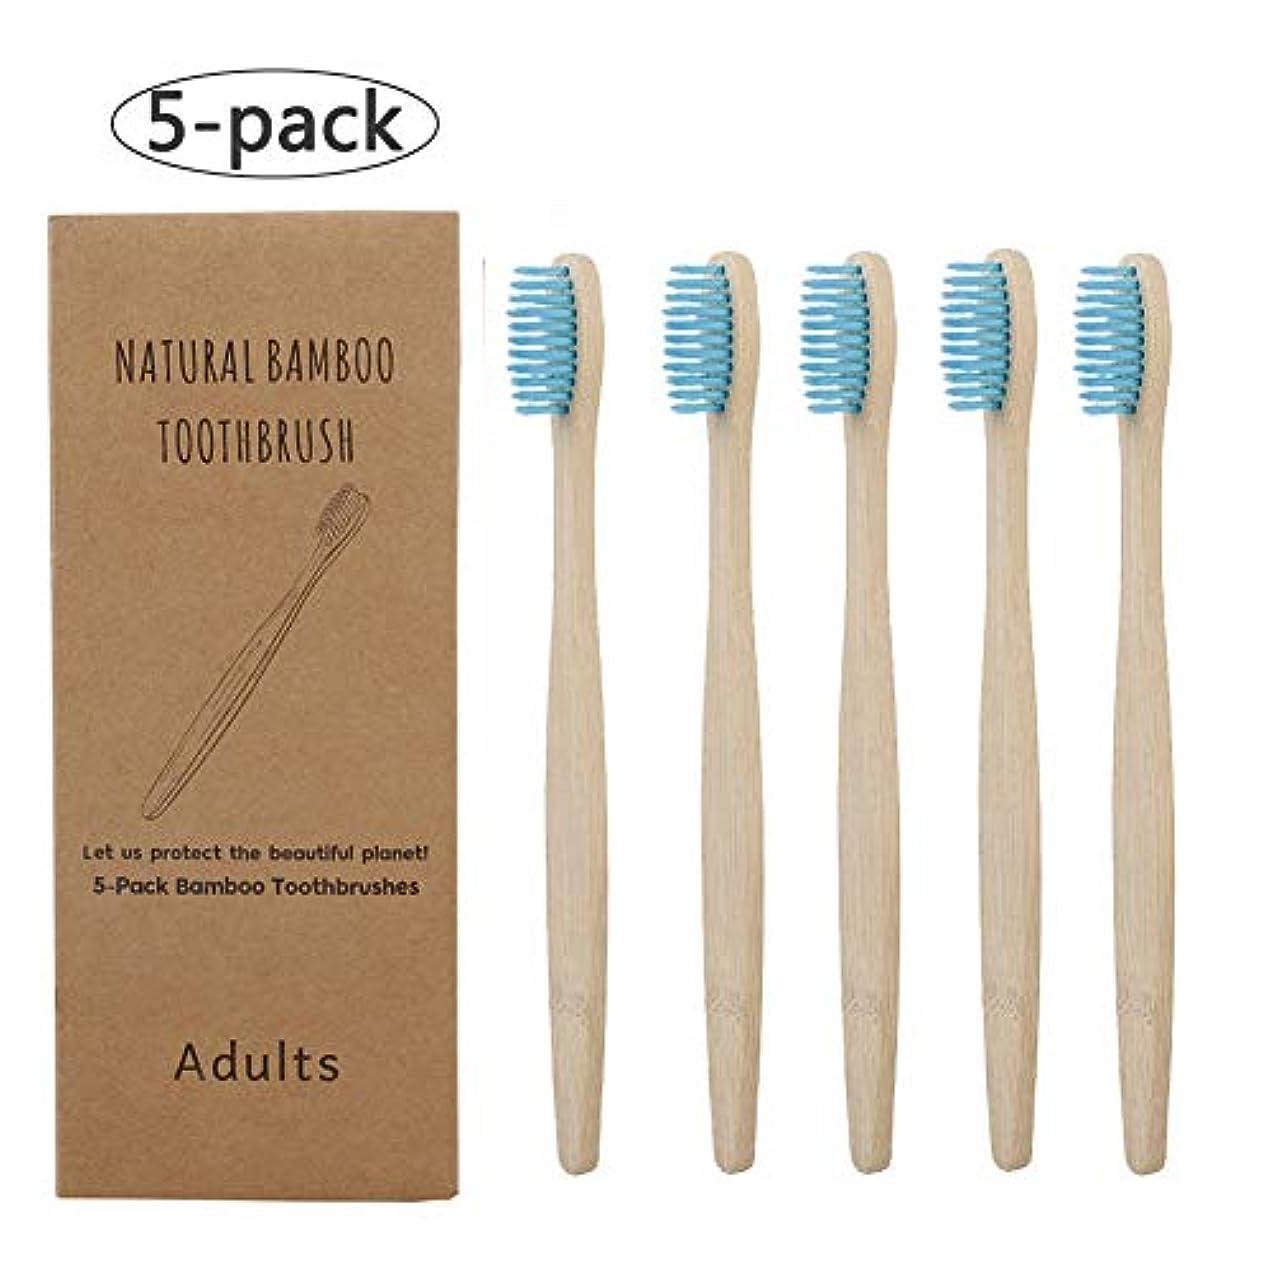 好意的請求毒Doo 5pcs 竹の歯ブラシ 大人用 柔らかい剛毛 環境保護 自然竹ハンドル 軟毛歯ブラシ 口腔ケア ブルー